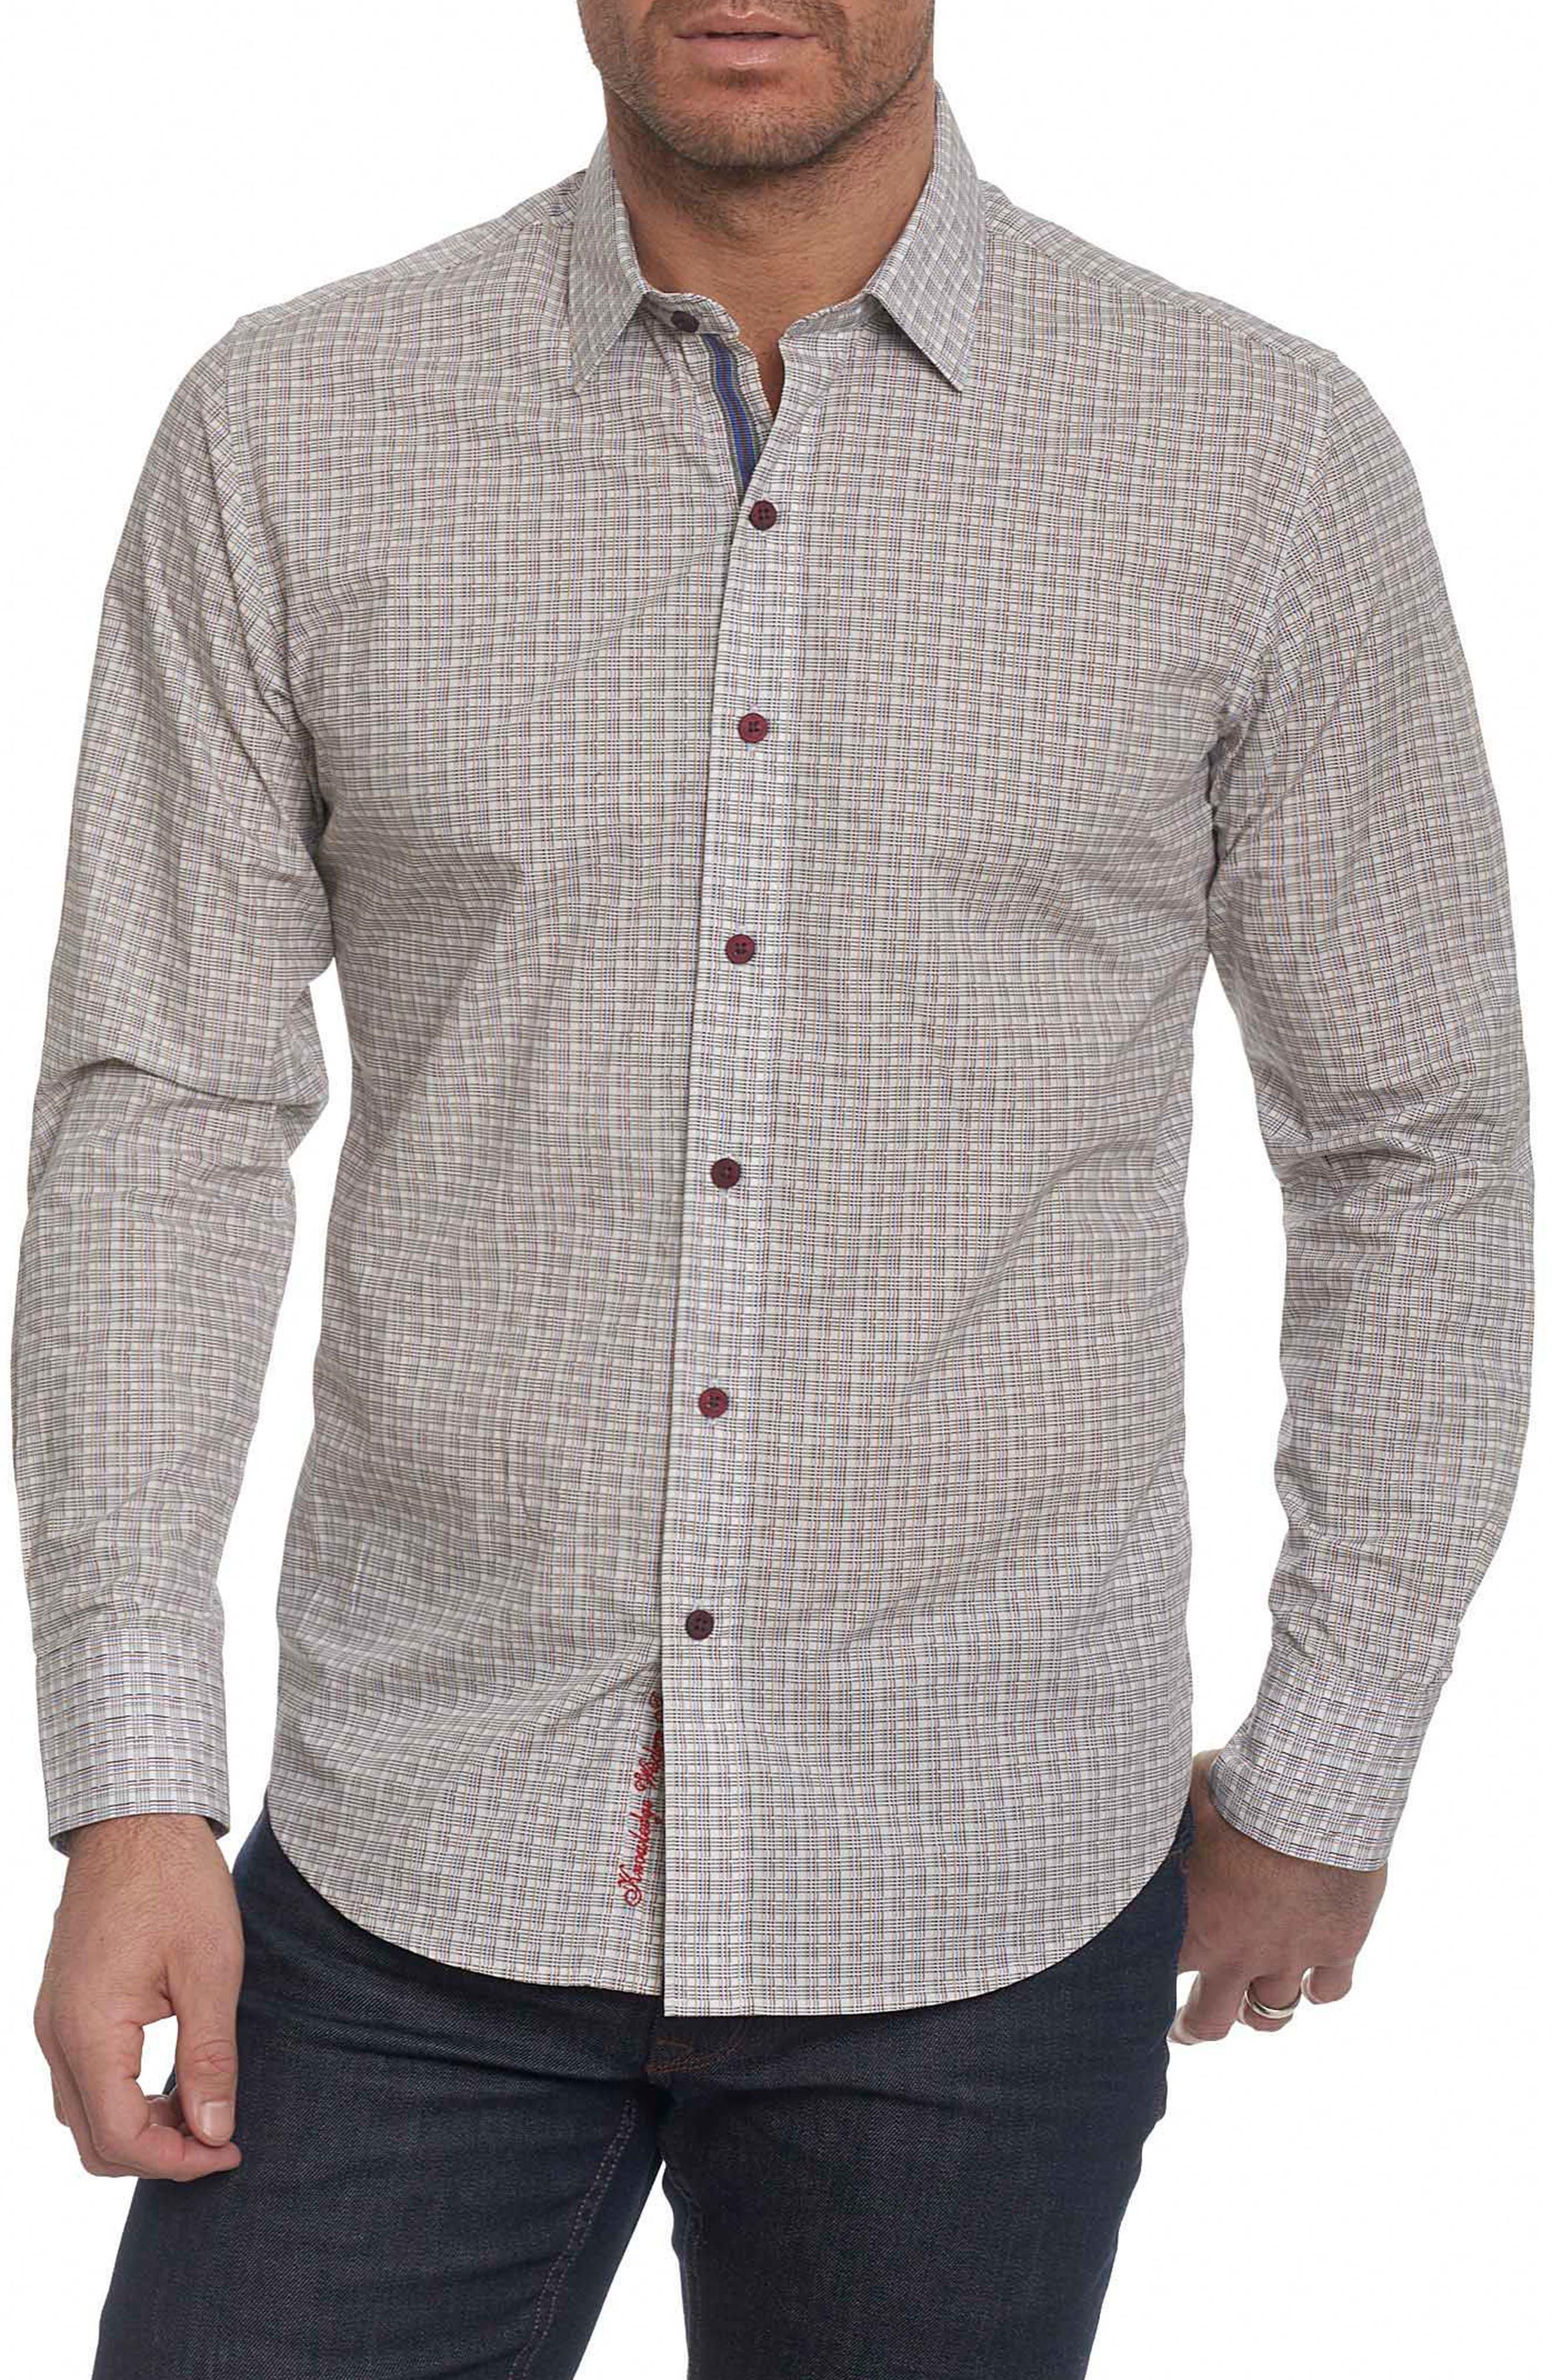 Sandy Creek Classic Fit Sport Shirt,                         Main,                         color, 110